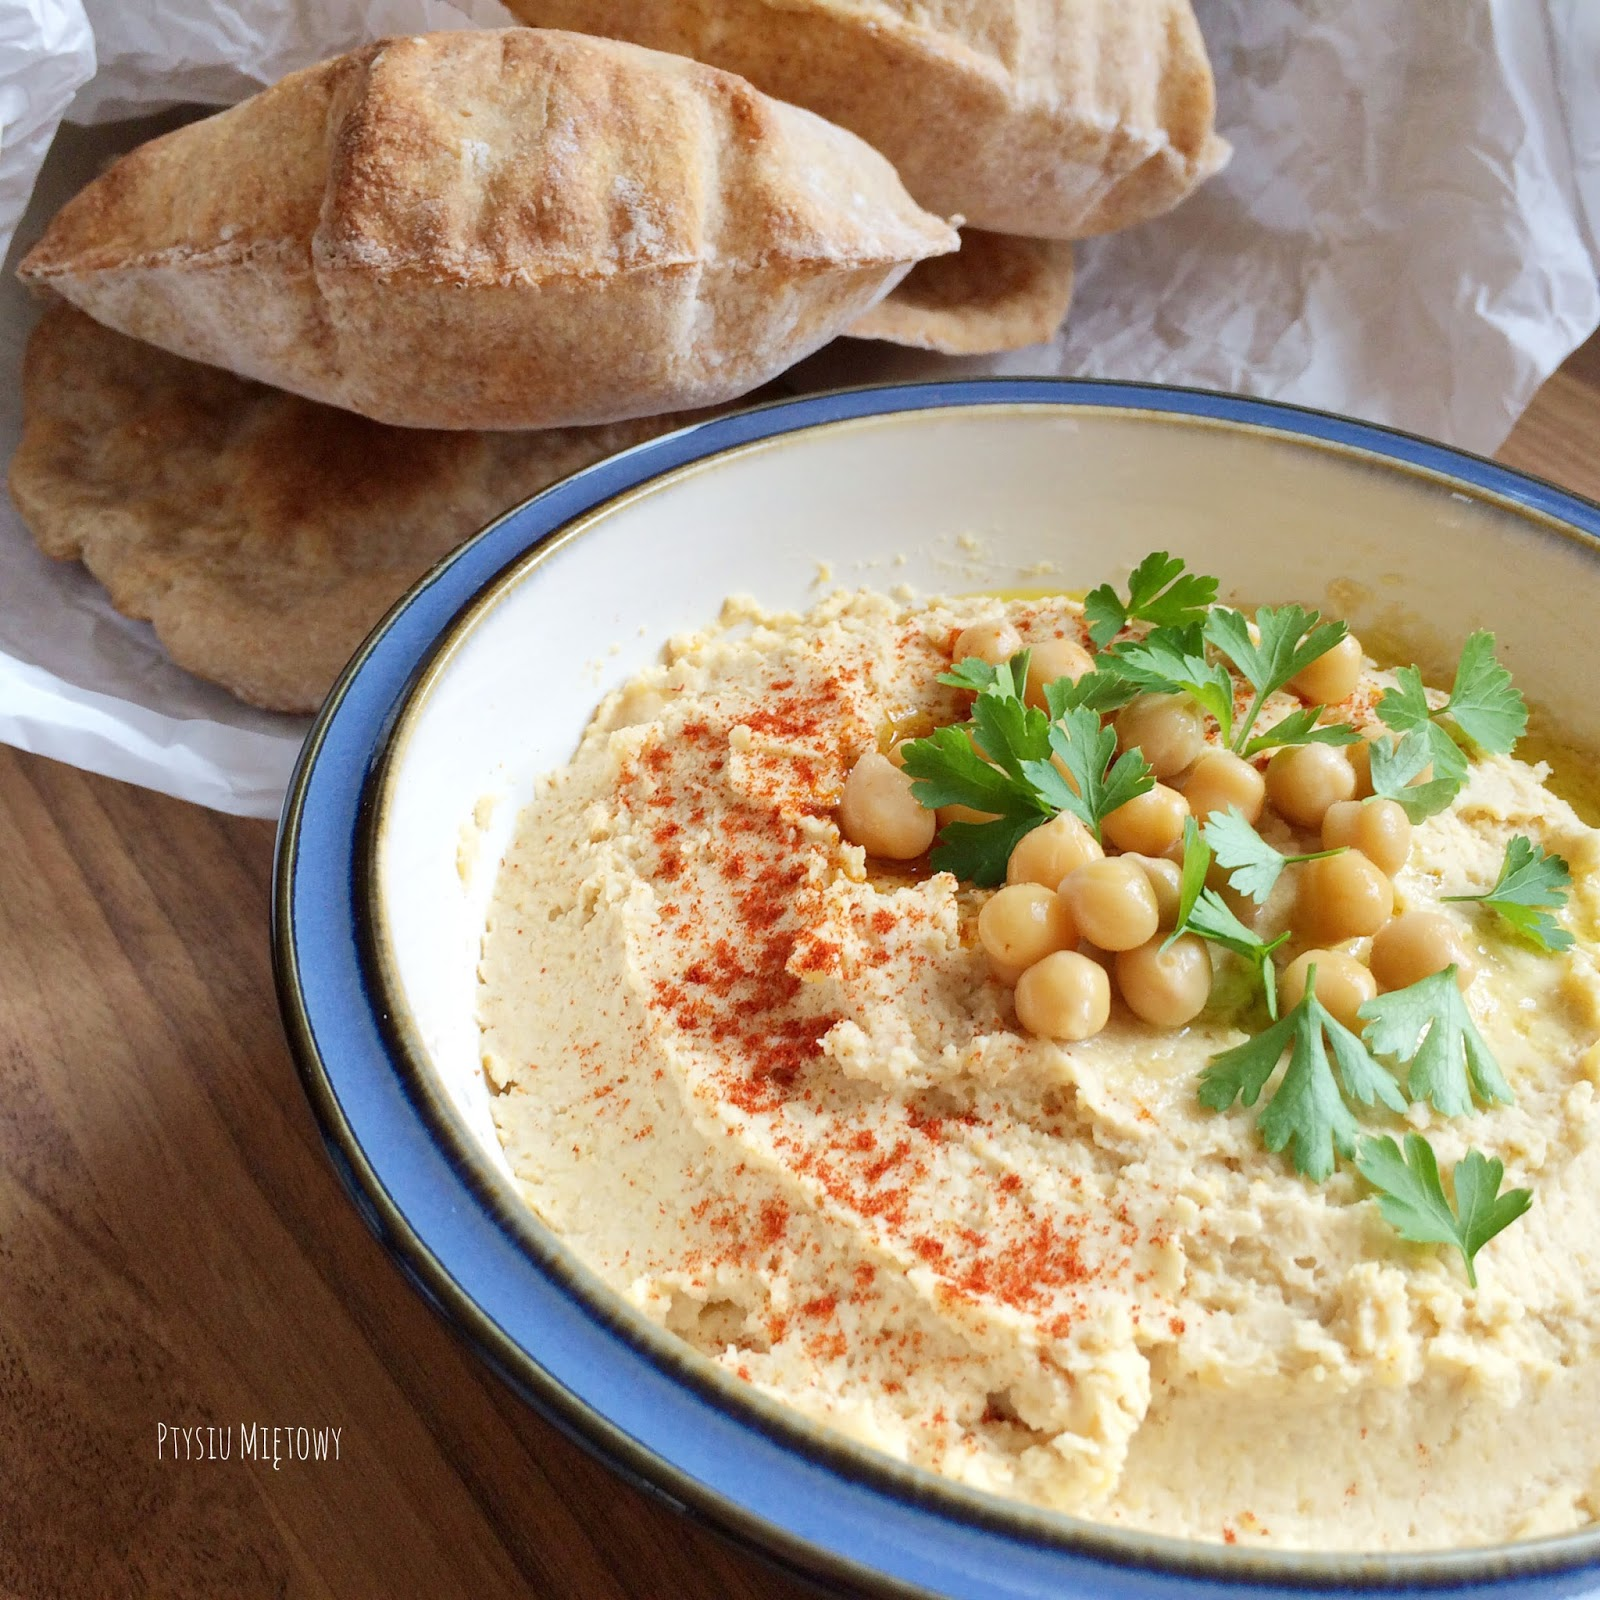 humus, ptysiu mietowy